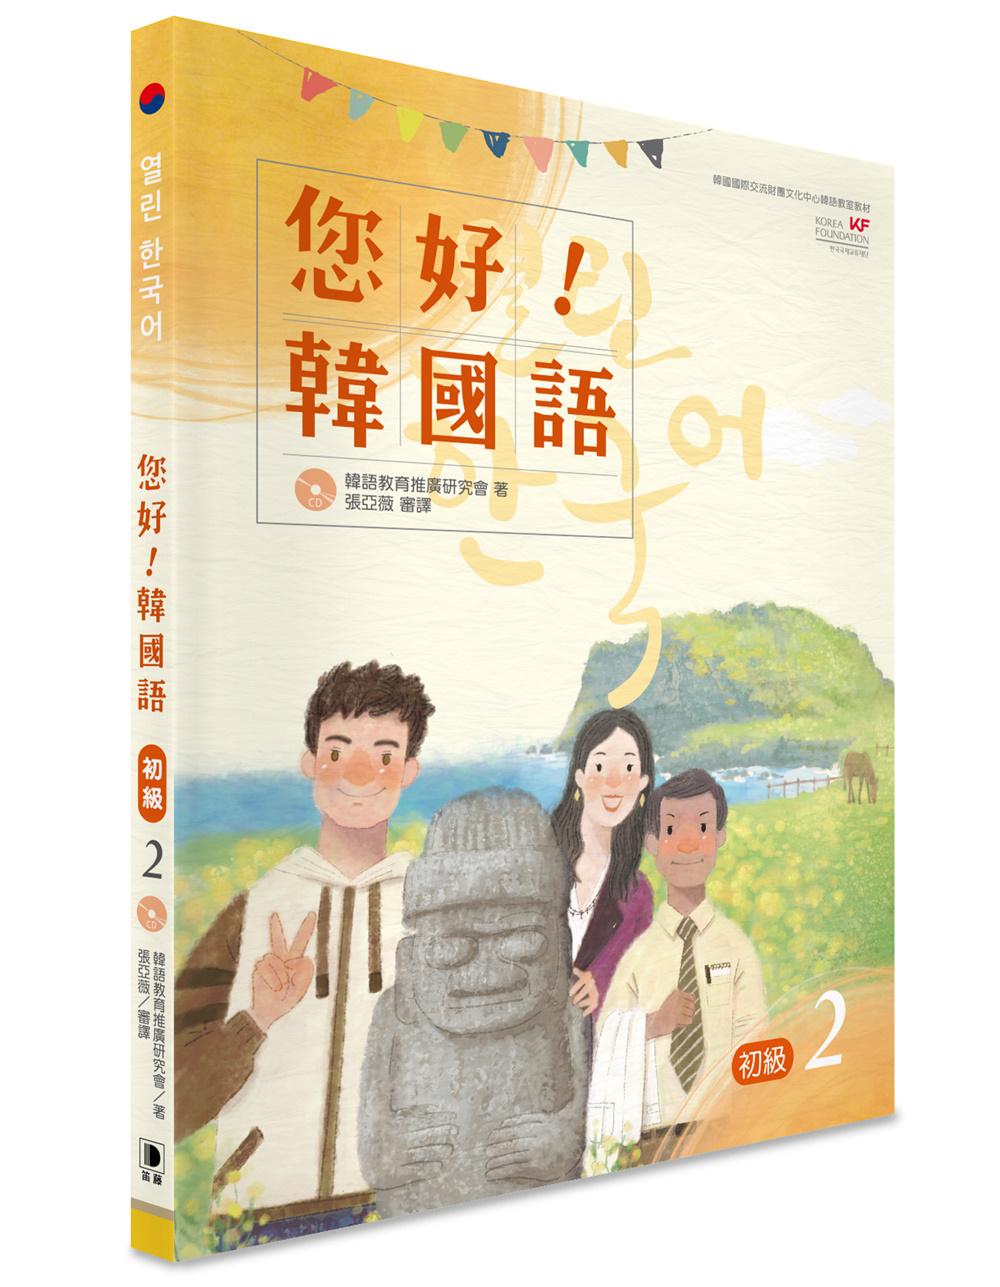 您好!韓國語 初級2:韓國專業教師群編寫教材,聽.說.讀.寫韓語力全面提升!(CD)